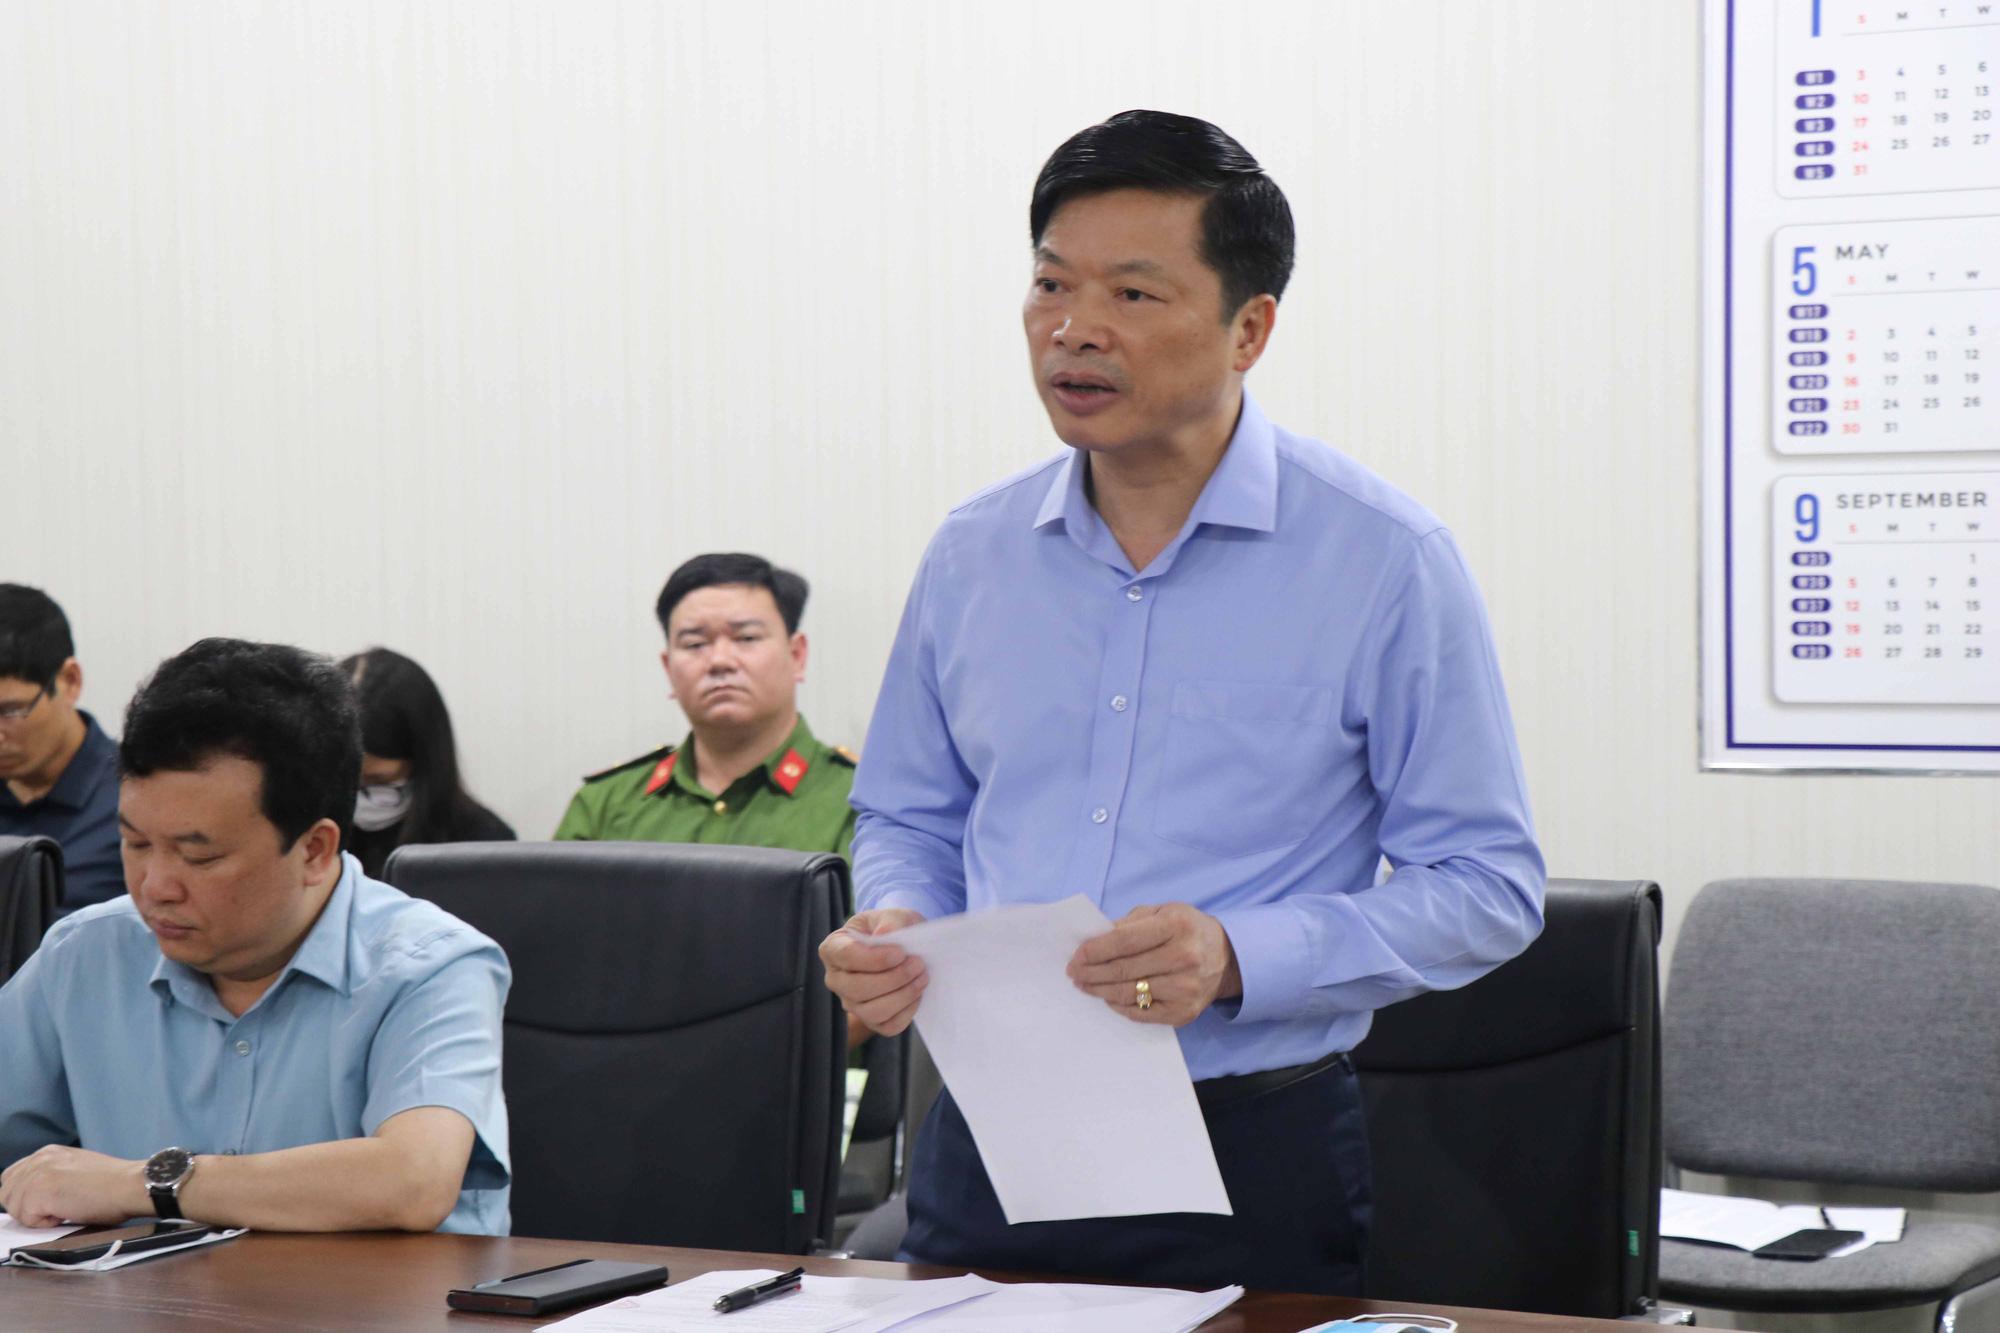 Bắc Ninh: Làm rõ nguyên nhân vụ cháy trong Khu công nghiệp VSIP, làm chết 3 công nhân trước ngày 19/4 - Ảnh 1.